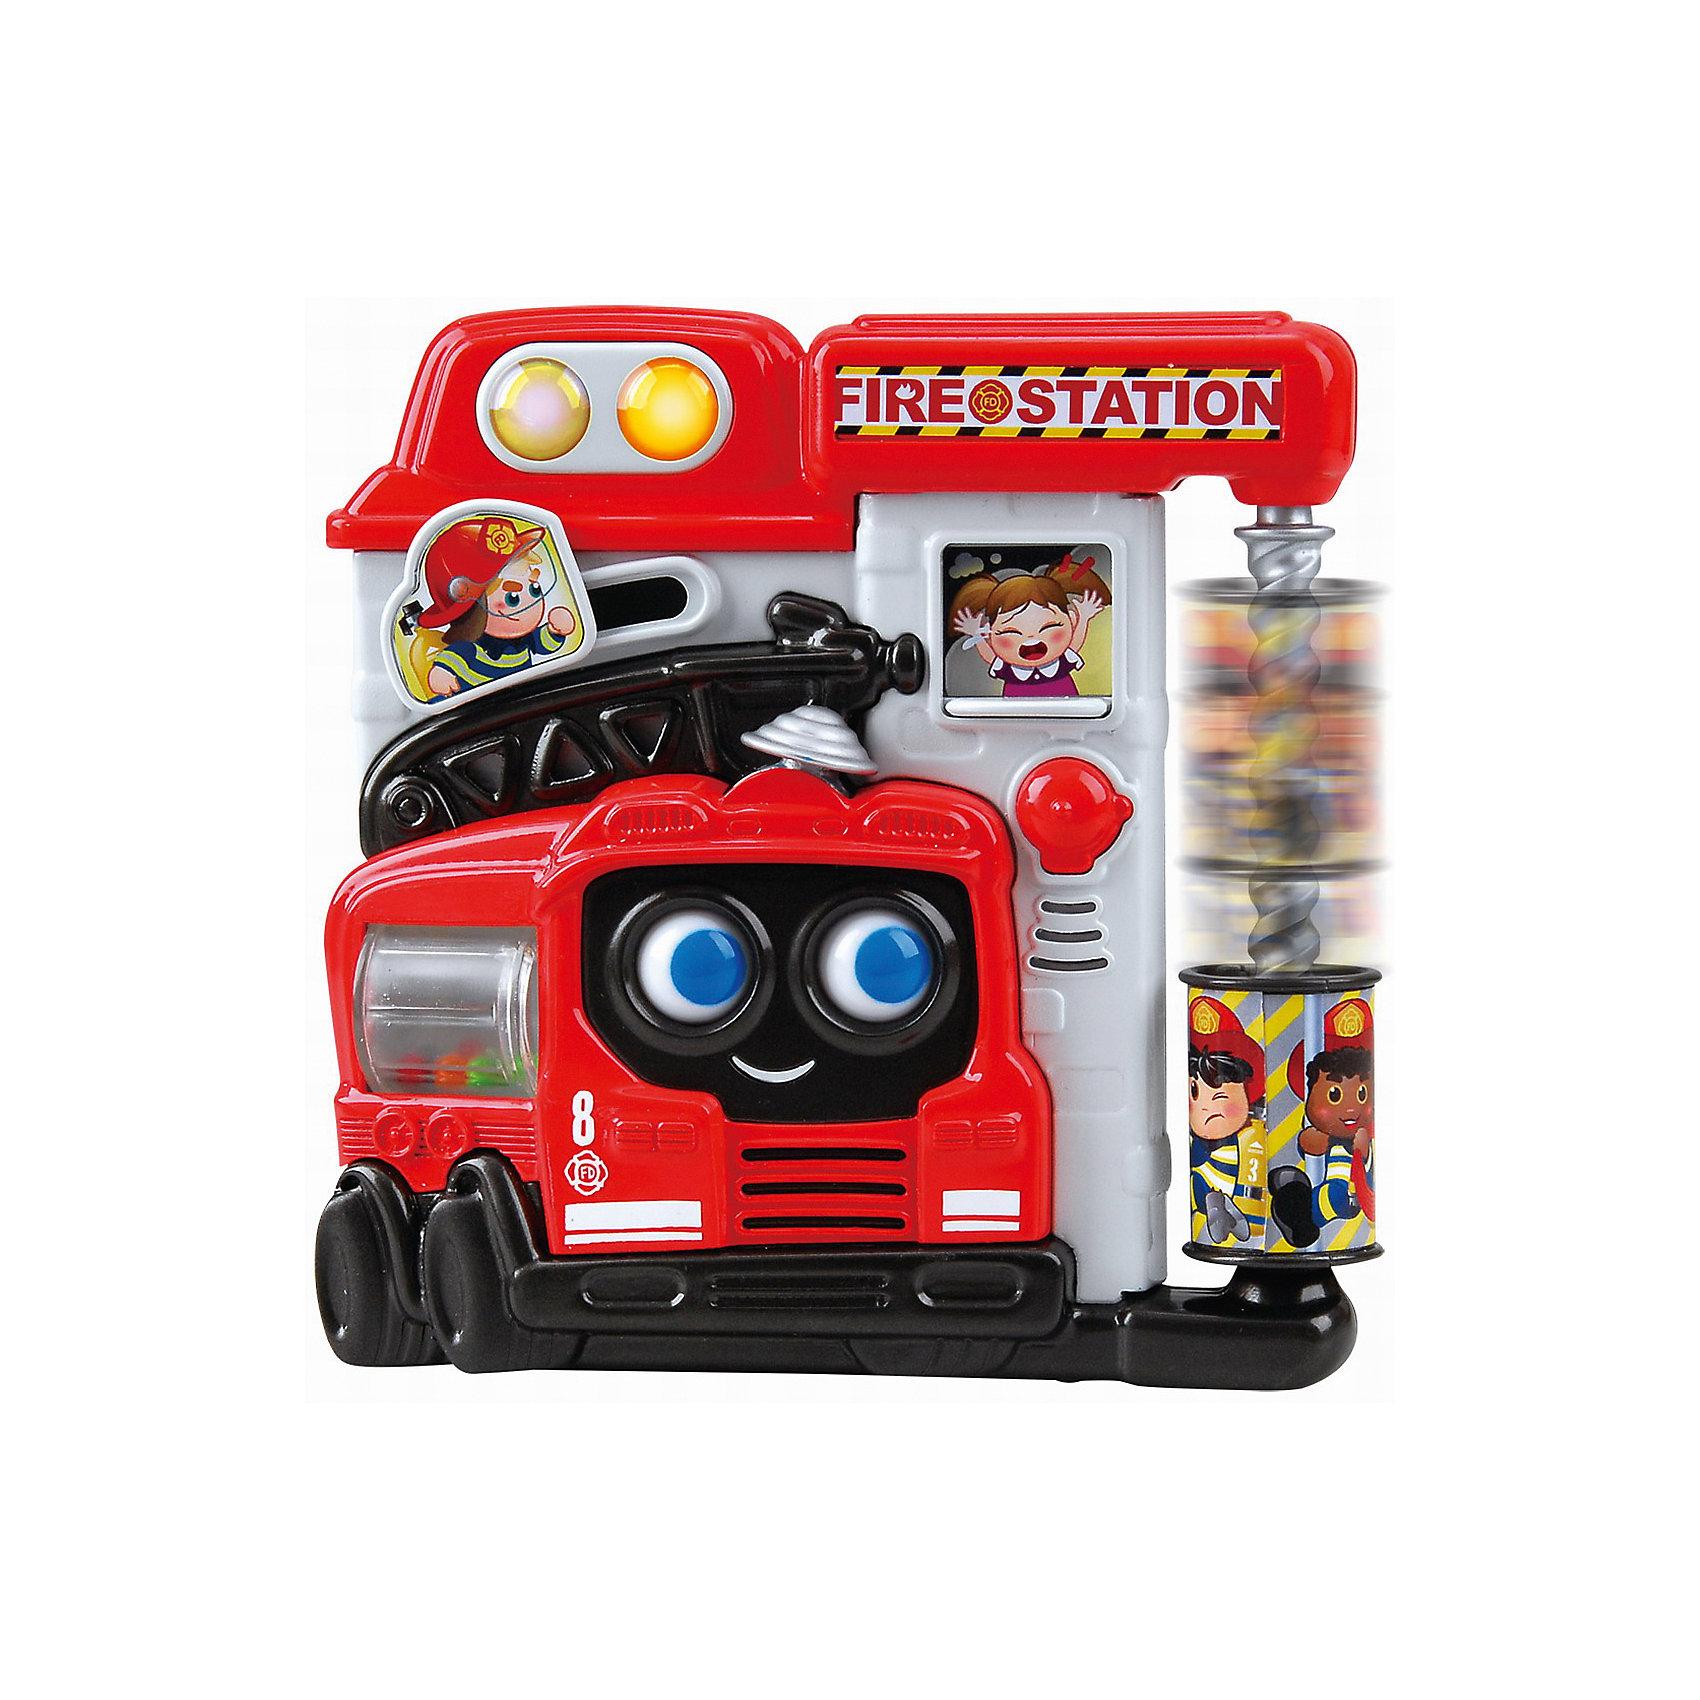 Развивающая игрушка Пожарная станция, PlaygoРазвивающие игрушки<br>Развивающая игрушка Пожарная станция, Playgo<br><br>Характеристики:<br>- Материал: пластик<br>- В комплект входит: игрушка, батарейки 2шт. <br>- Элементы питания: батарейки АА<br>- Размер упаковки: 20 * 5,5 * 21 см.<br>- Вес: 430 гр.<br>Пожарная станция от известного китайского бренда развивающих игрушек для детей Playgo (Плейго) станет прекрасным подарком для крохи. Пожарные, большая пожарная машина и веселая лестница для пожарных научат малыша храбрости и покажут как быть настоящим героем. Барабан с нарисованными пожарными по спирали крутится и спускается вниз, как настоящий пожарный расчёт. Пожарная автоцистерна крутится, а внутри нее цветные шарики. Маленькая девочка в окошке плачет, а если окошко передвинуть, то она будет радоваться, потому что ее уже спасли от пожара. Нажимая на кнопочки можно послушать песенки и услышать разные звуки по теме. Изготовленная из качественного пластика, яркая игрушка поможет развить тактильные ощущения, звуковое восприятие, воображение, световое восприятие и моторику ручек. Небольшой размер позволит брать веселую игрушку на прогулку или в поездку.<br>Развивающую игрушку Пожарная станция, Playgo (Плейго) можно купить в нашем интернет-магазине.<br>Подробнее:<br>• Для детей в возрасте: от 6 до 24 месяцев <br>• Номер товара: 5054059<br>Страна производитель: Китай<br><br>Ширина мм: 210<br>Глубина мм: 200<br>Высота мм: 55<br>Вес г: 430<br>Возраст от месяцев: 6<br>Возраст до месяцев: 24<br>Пол: Унисекс<br>Возраст: Детский<br>SKU: 5054059